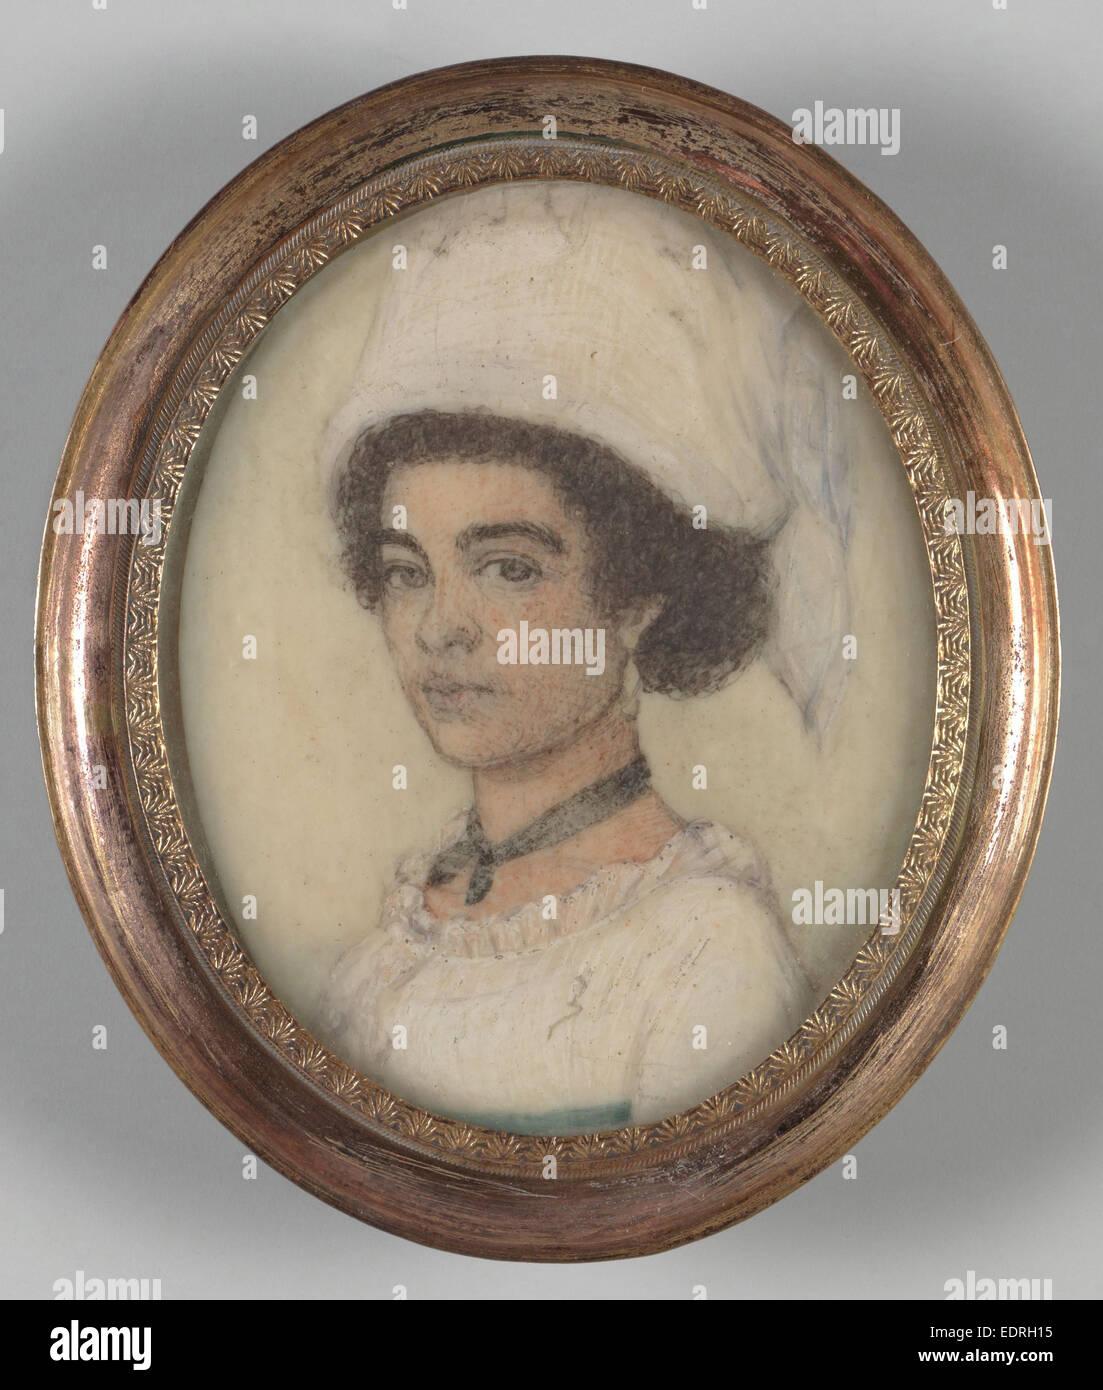 Porträts von Surinam Mädchen, anonym, c. 1805 Stockbild